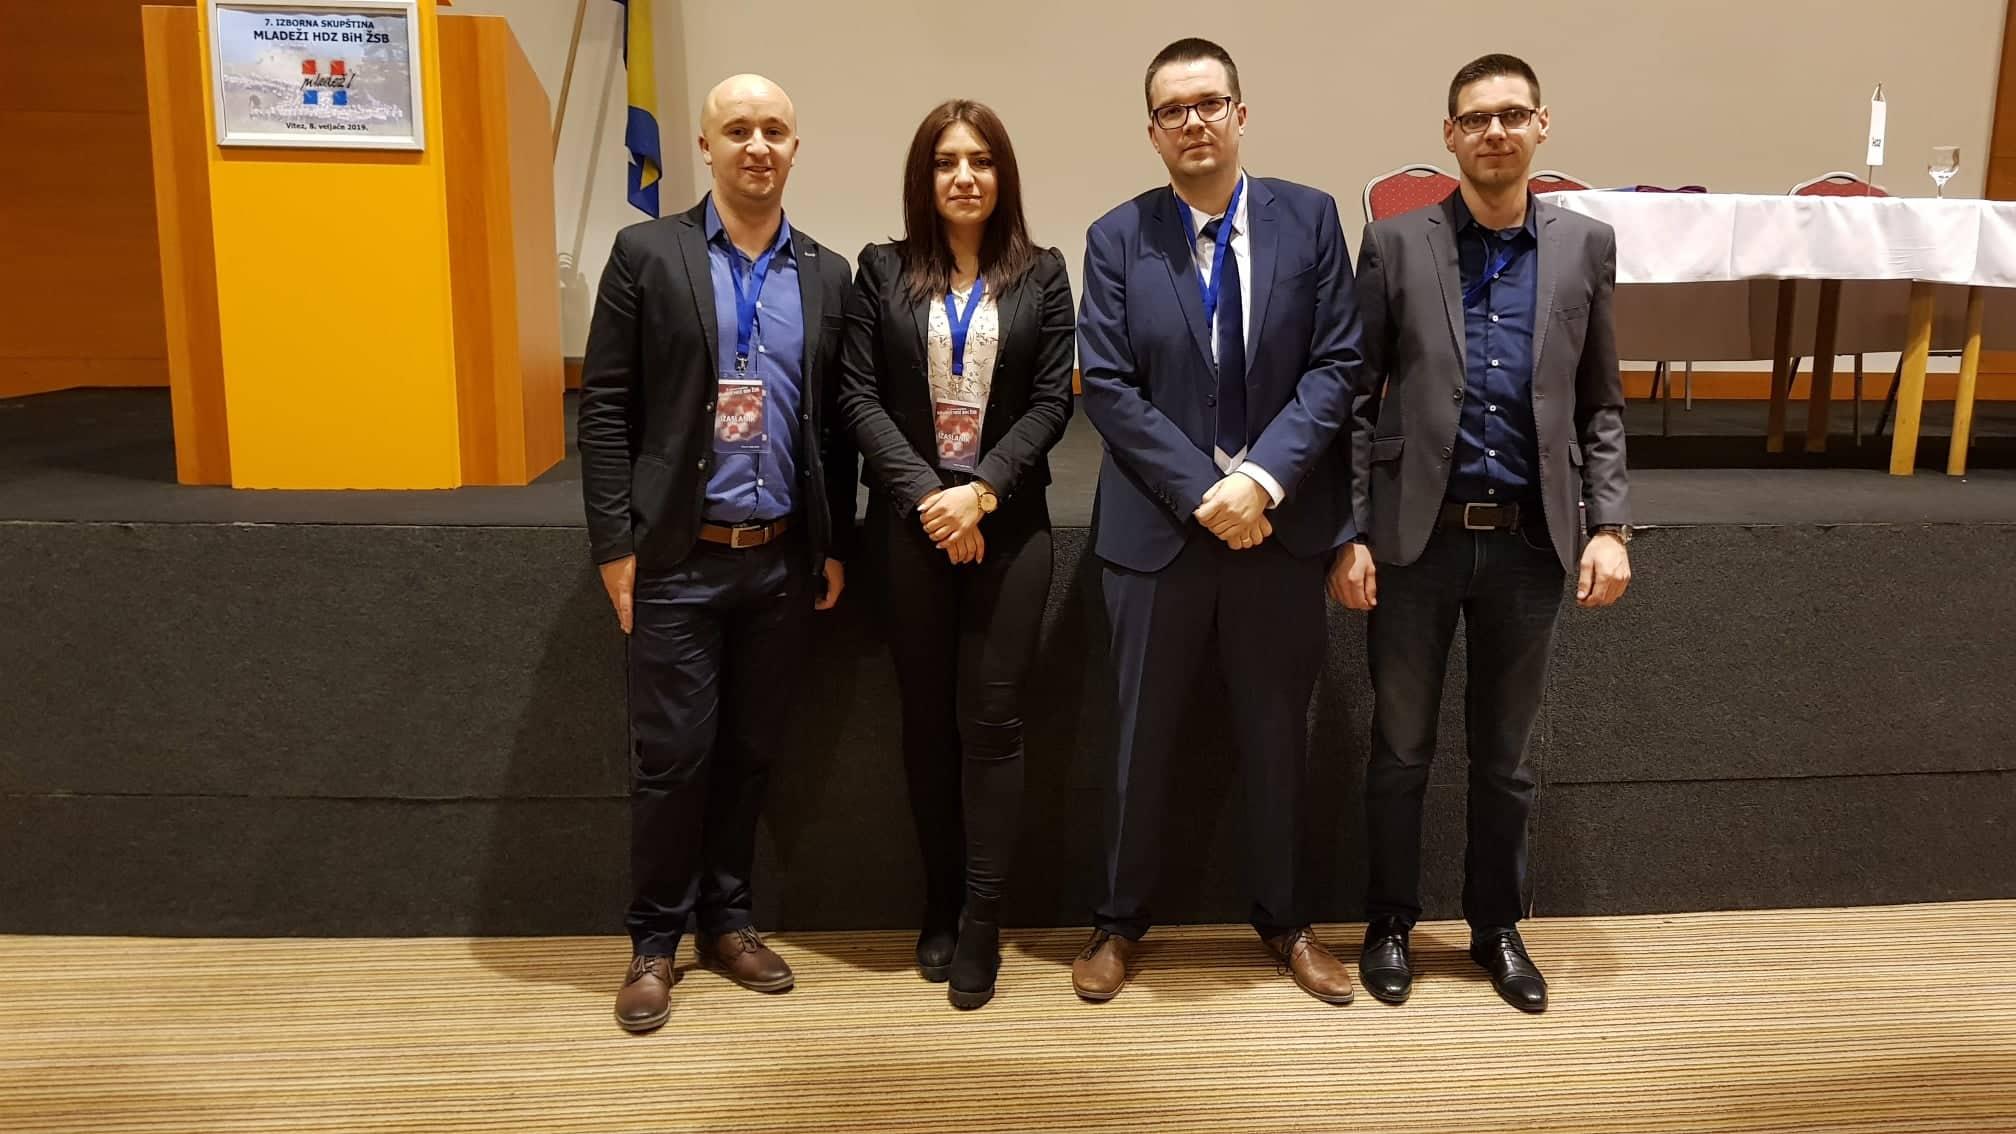 Članovi ŽO iz Travnika: Mario Debeljak, Matea Cakalin, Goran Pejaković i Ilija Peša